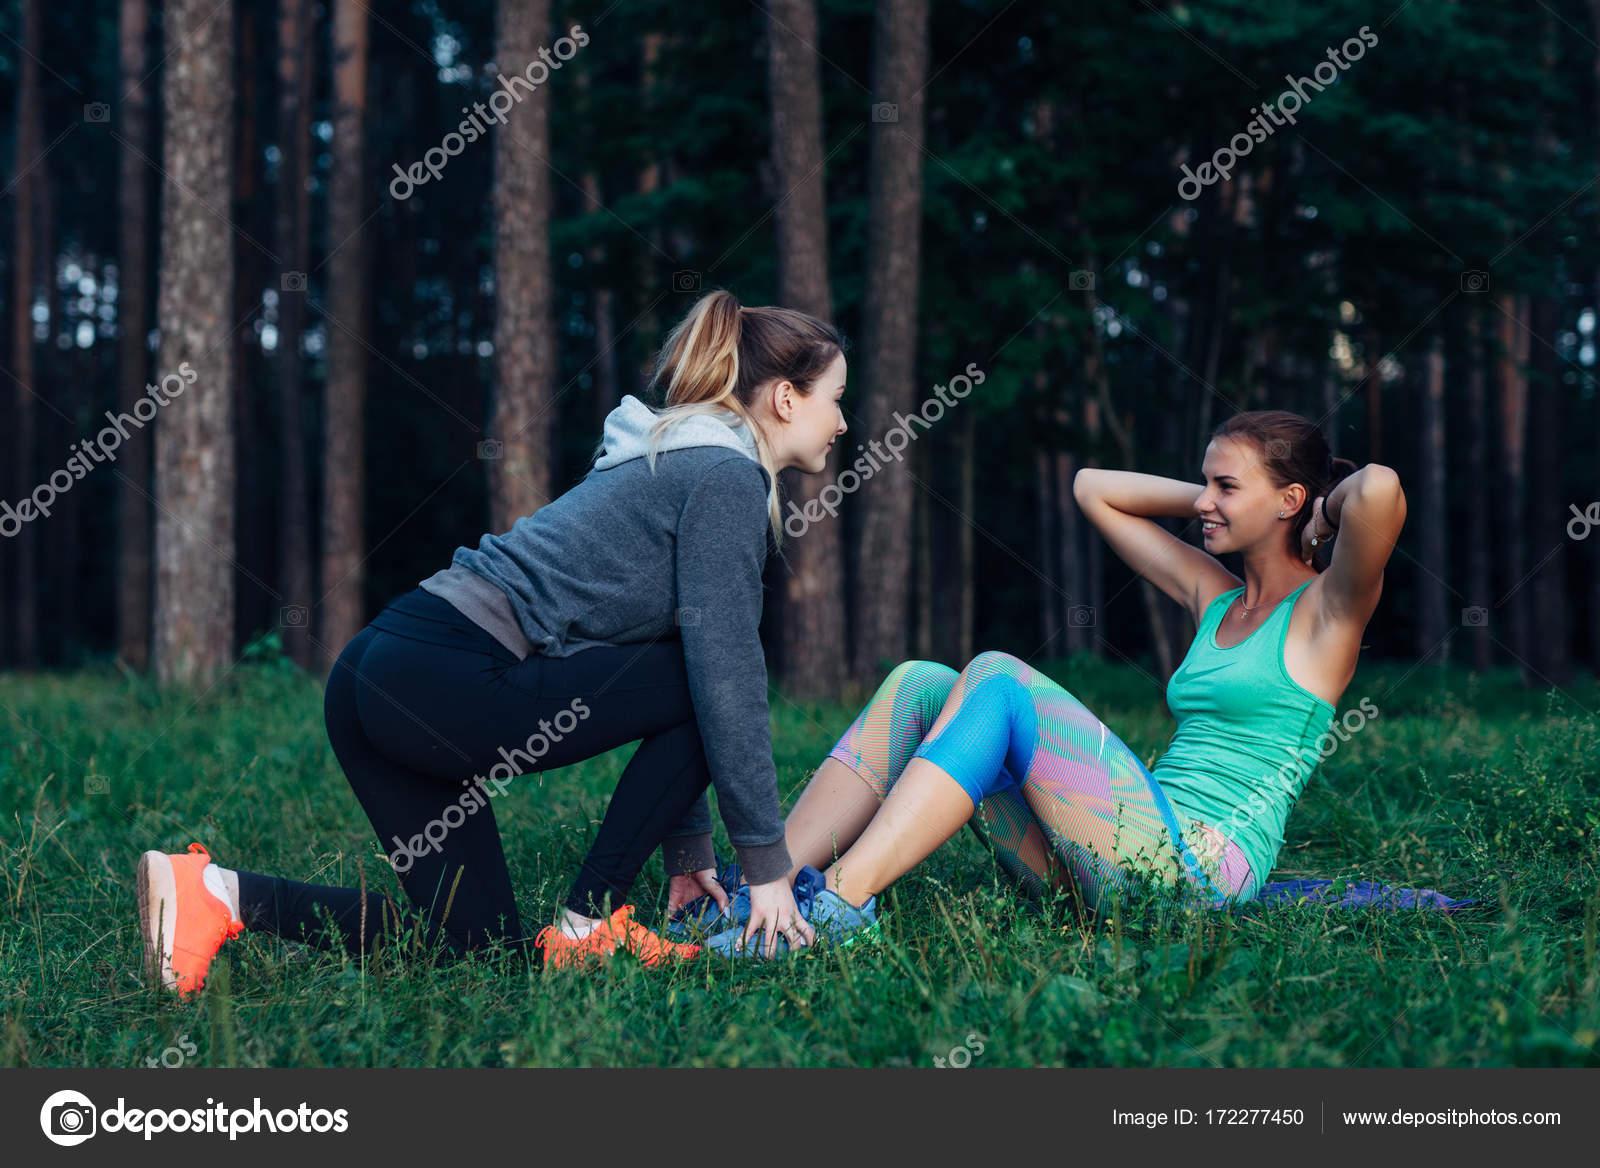 Секретарш русских фото две подружки только ноги частной жизни